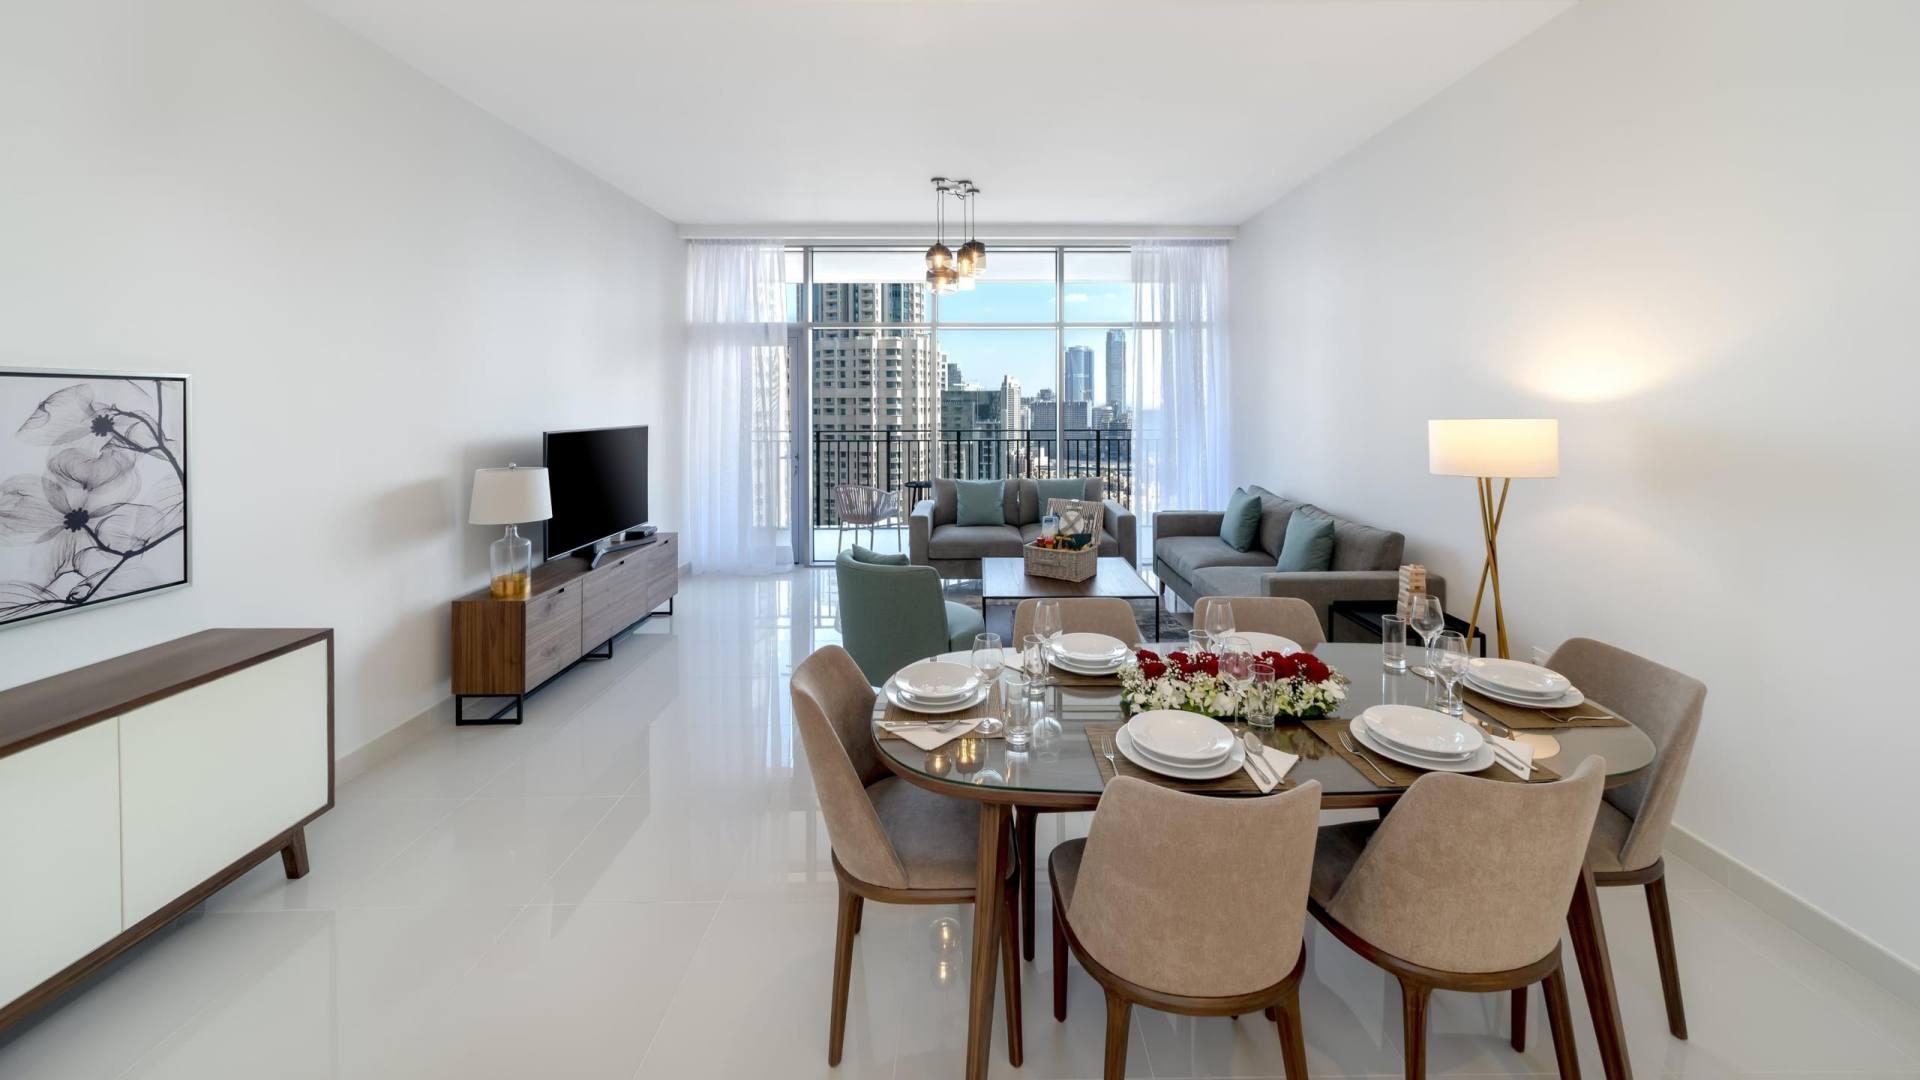 Apartamento en venta en Dubai, EAU, 3 dormitorios, 184 m2, № 24134 – foto 1